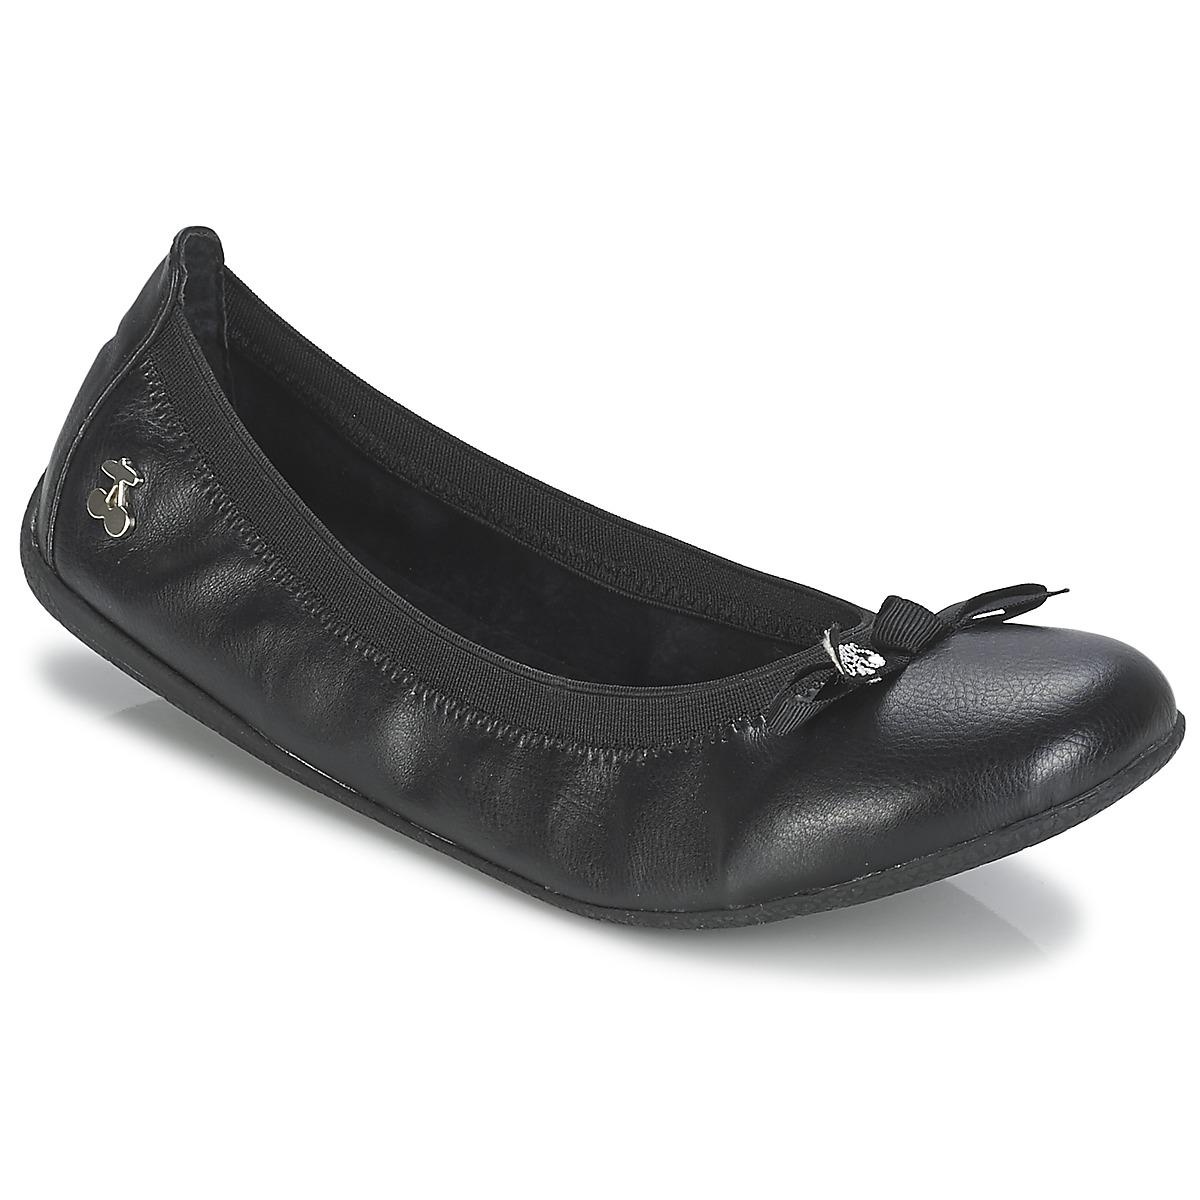 le temps des cerises lilou noir livraison gratuite avec chaussures ballerines. Black Bedroom Furniture Sets. Home Design Ideas